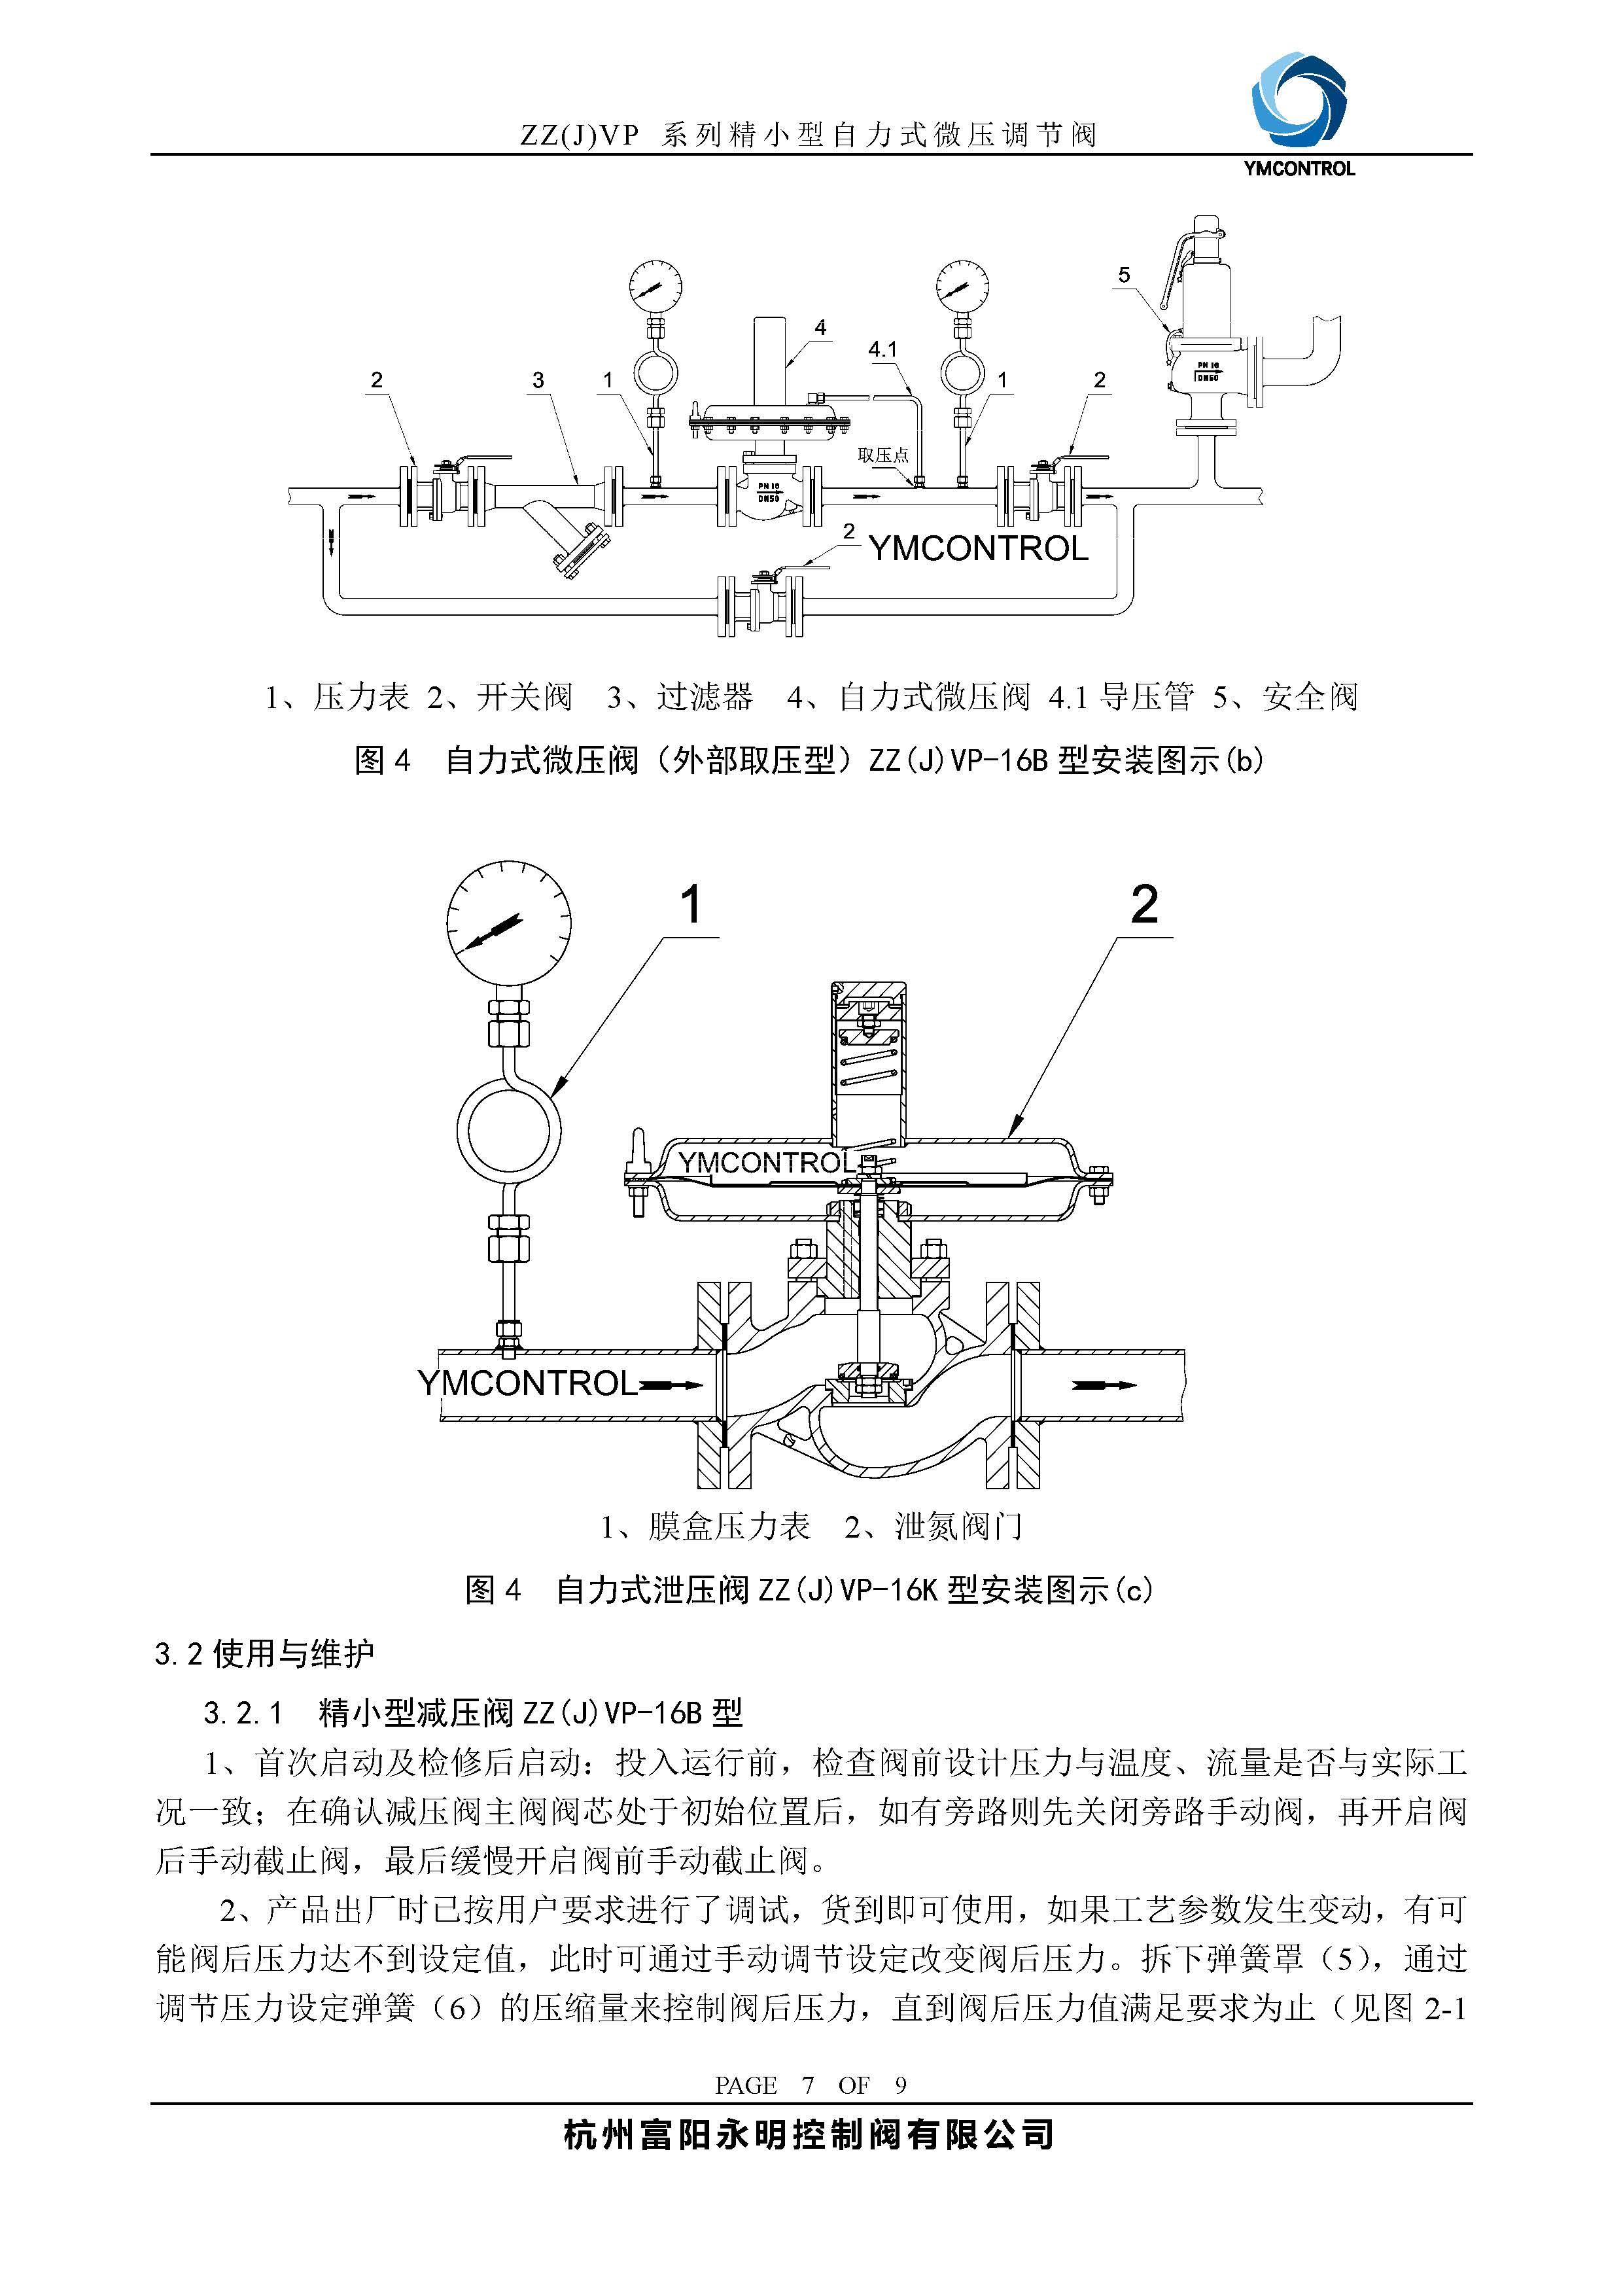 ZZVP-ZZJVP精小型自力式微壓閥,泄氮閥樣本說明書